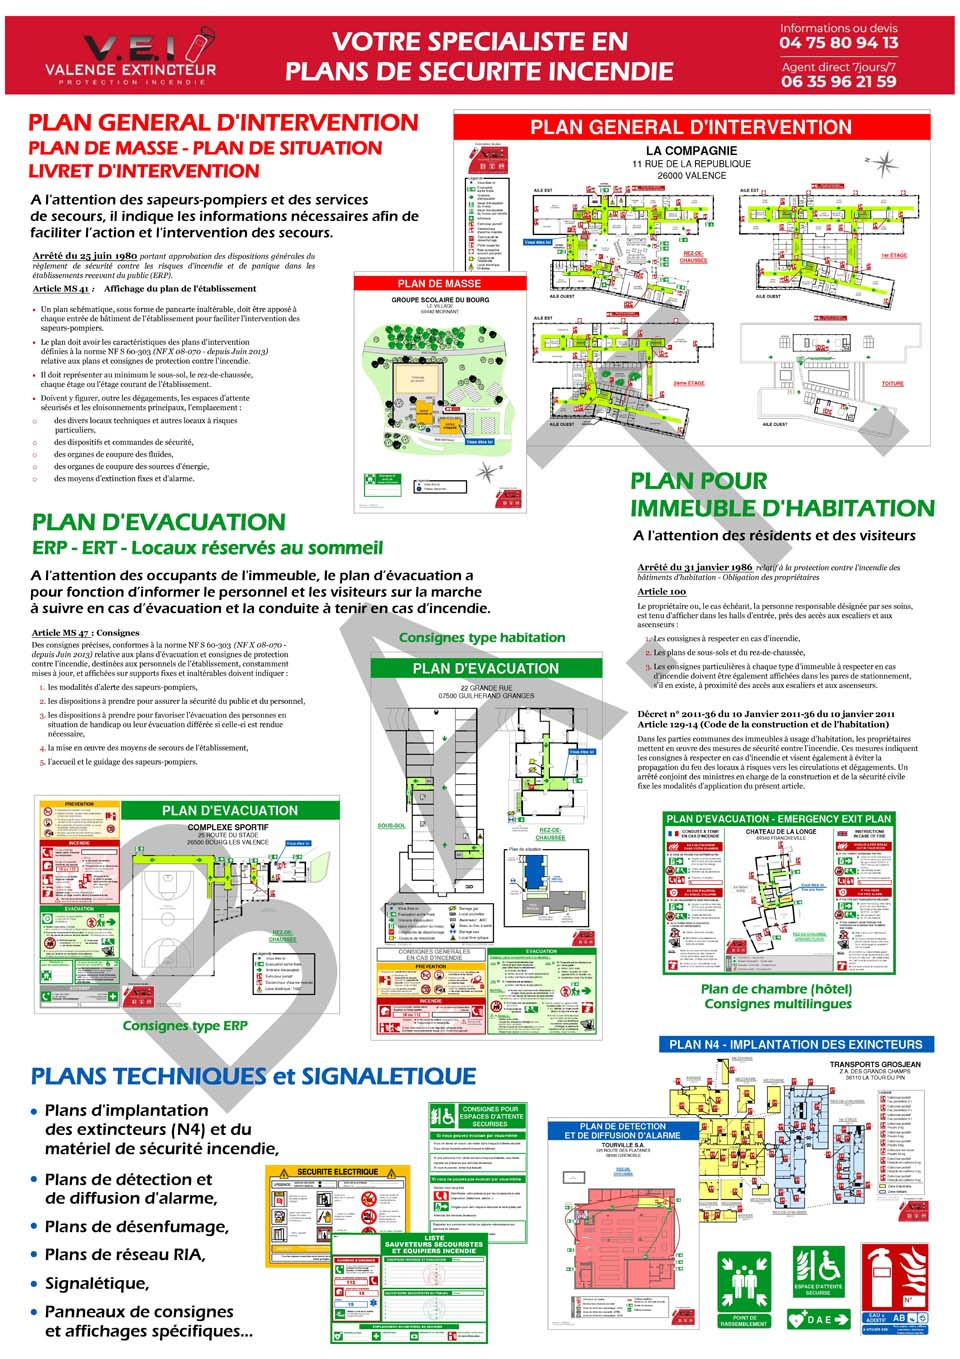 Exemples de Plans d'évacuation créés par Valence Extincteur Incendie